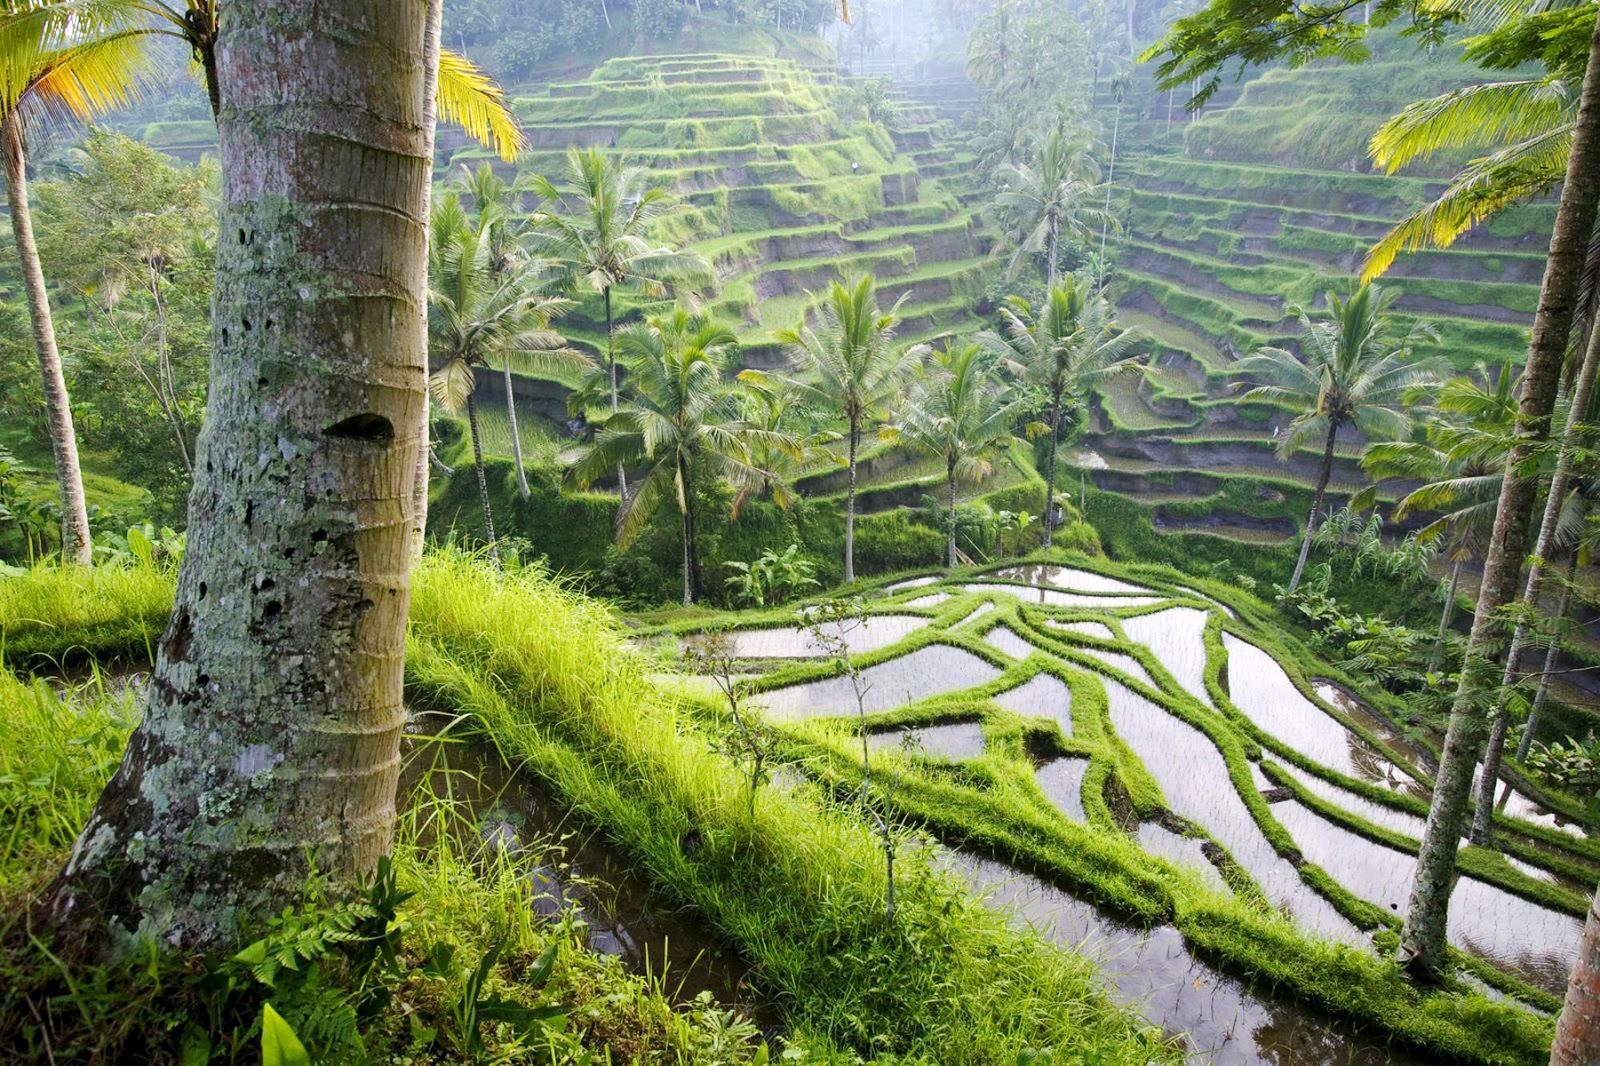 http://2.bp.blogspot.com/-9g-3GTJQUgg/TrAi7CPoJ9I/AAAAAAAAEJ4/vDbtbqZ89dk/s1600/Rice_Field_Landscape_Wallpaper%252BVvallpaper.Net.jpg